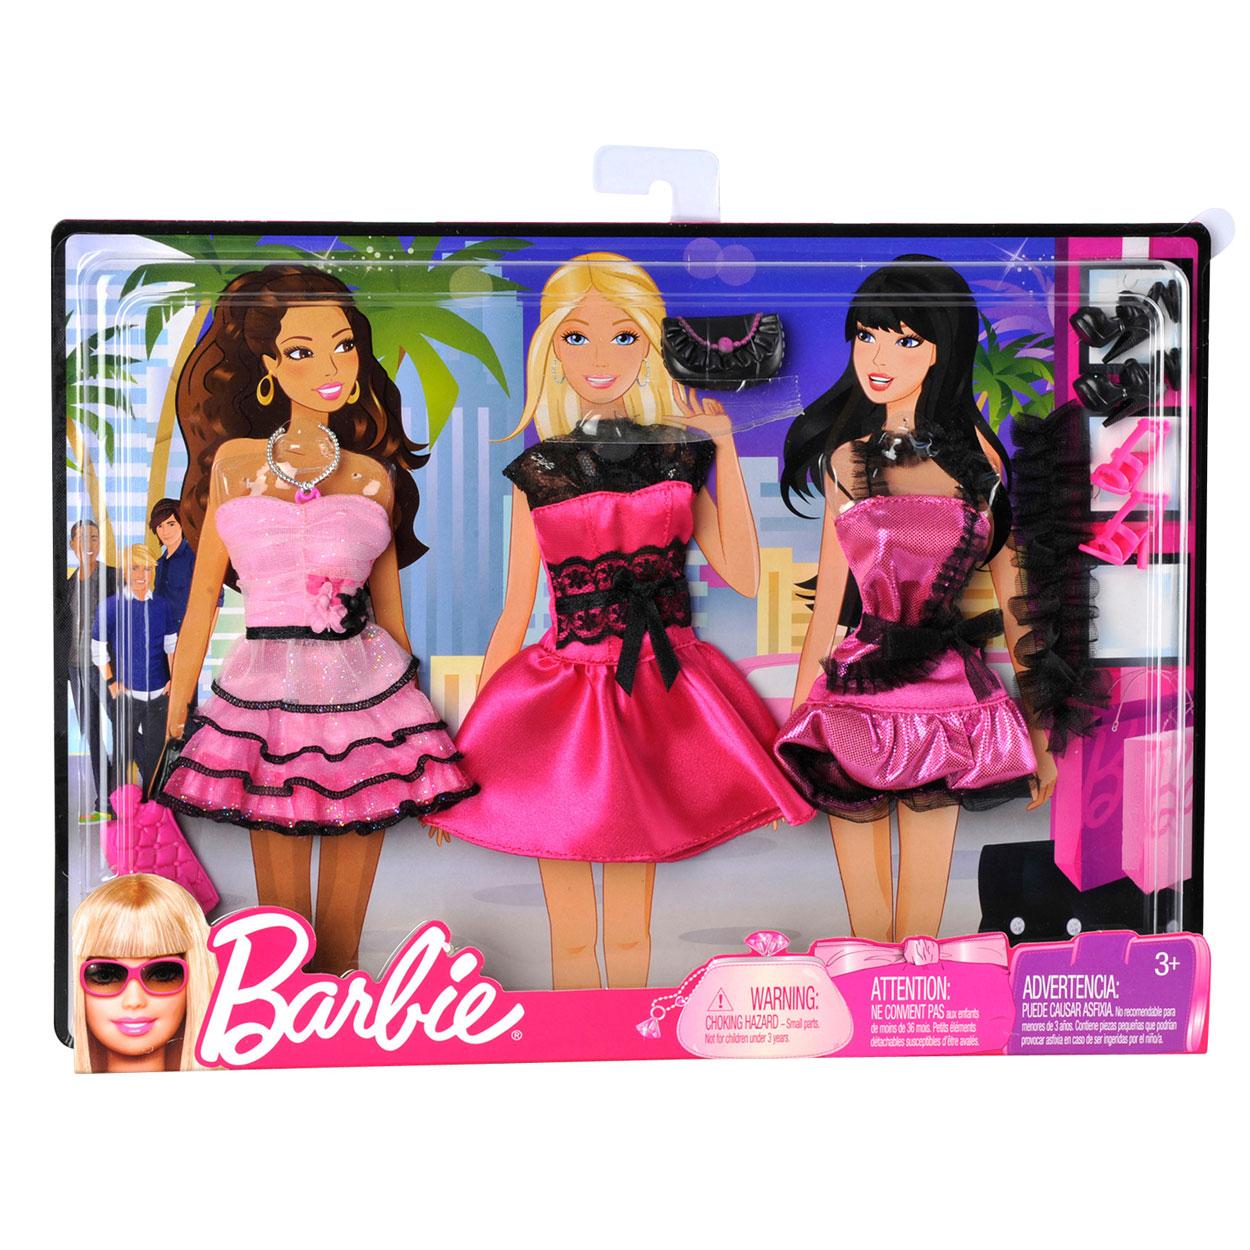 barbie kledingset online kopen. Black Bedroom Furniture Sets. Home Design Ideas